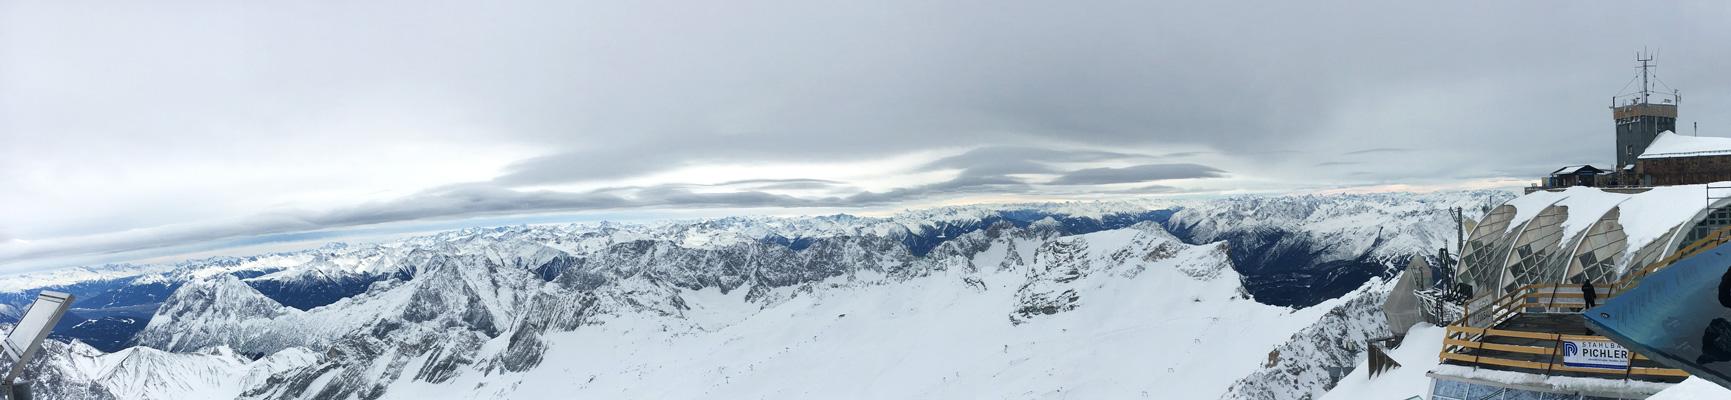 zugspitz_panorama